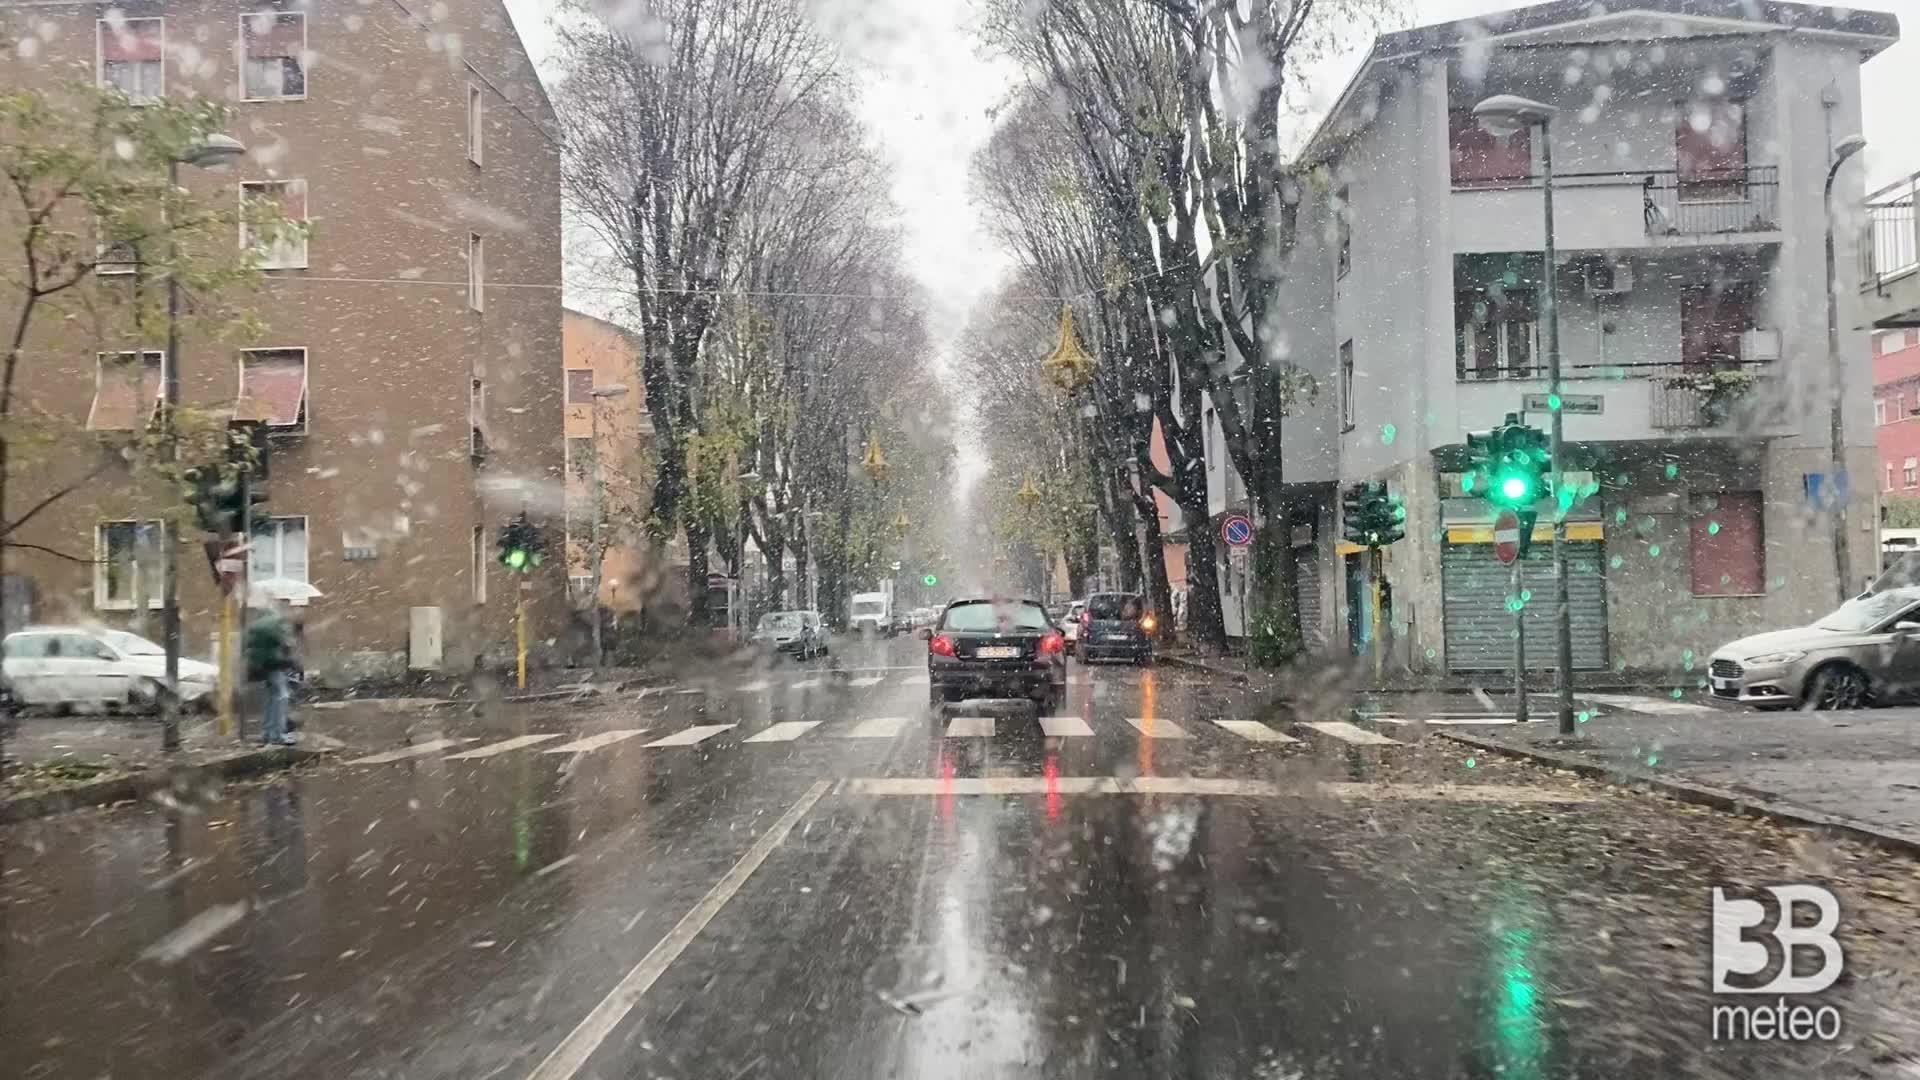 Monza, comincia a nevicare: camera car primi fiocchi di neve